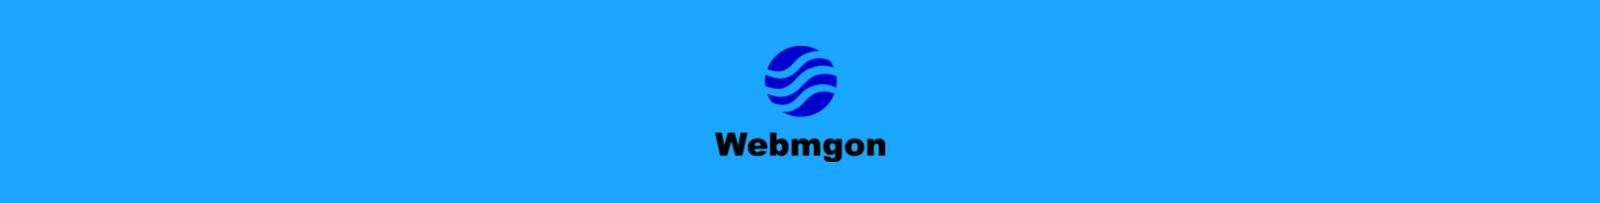 Webmgon- Güncel Haber Ve Bilgi Portalı